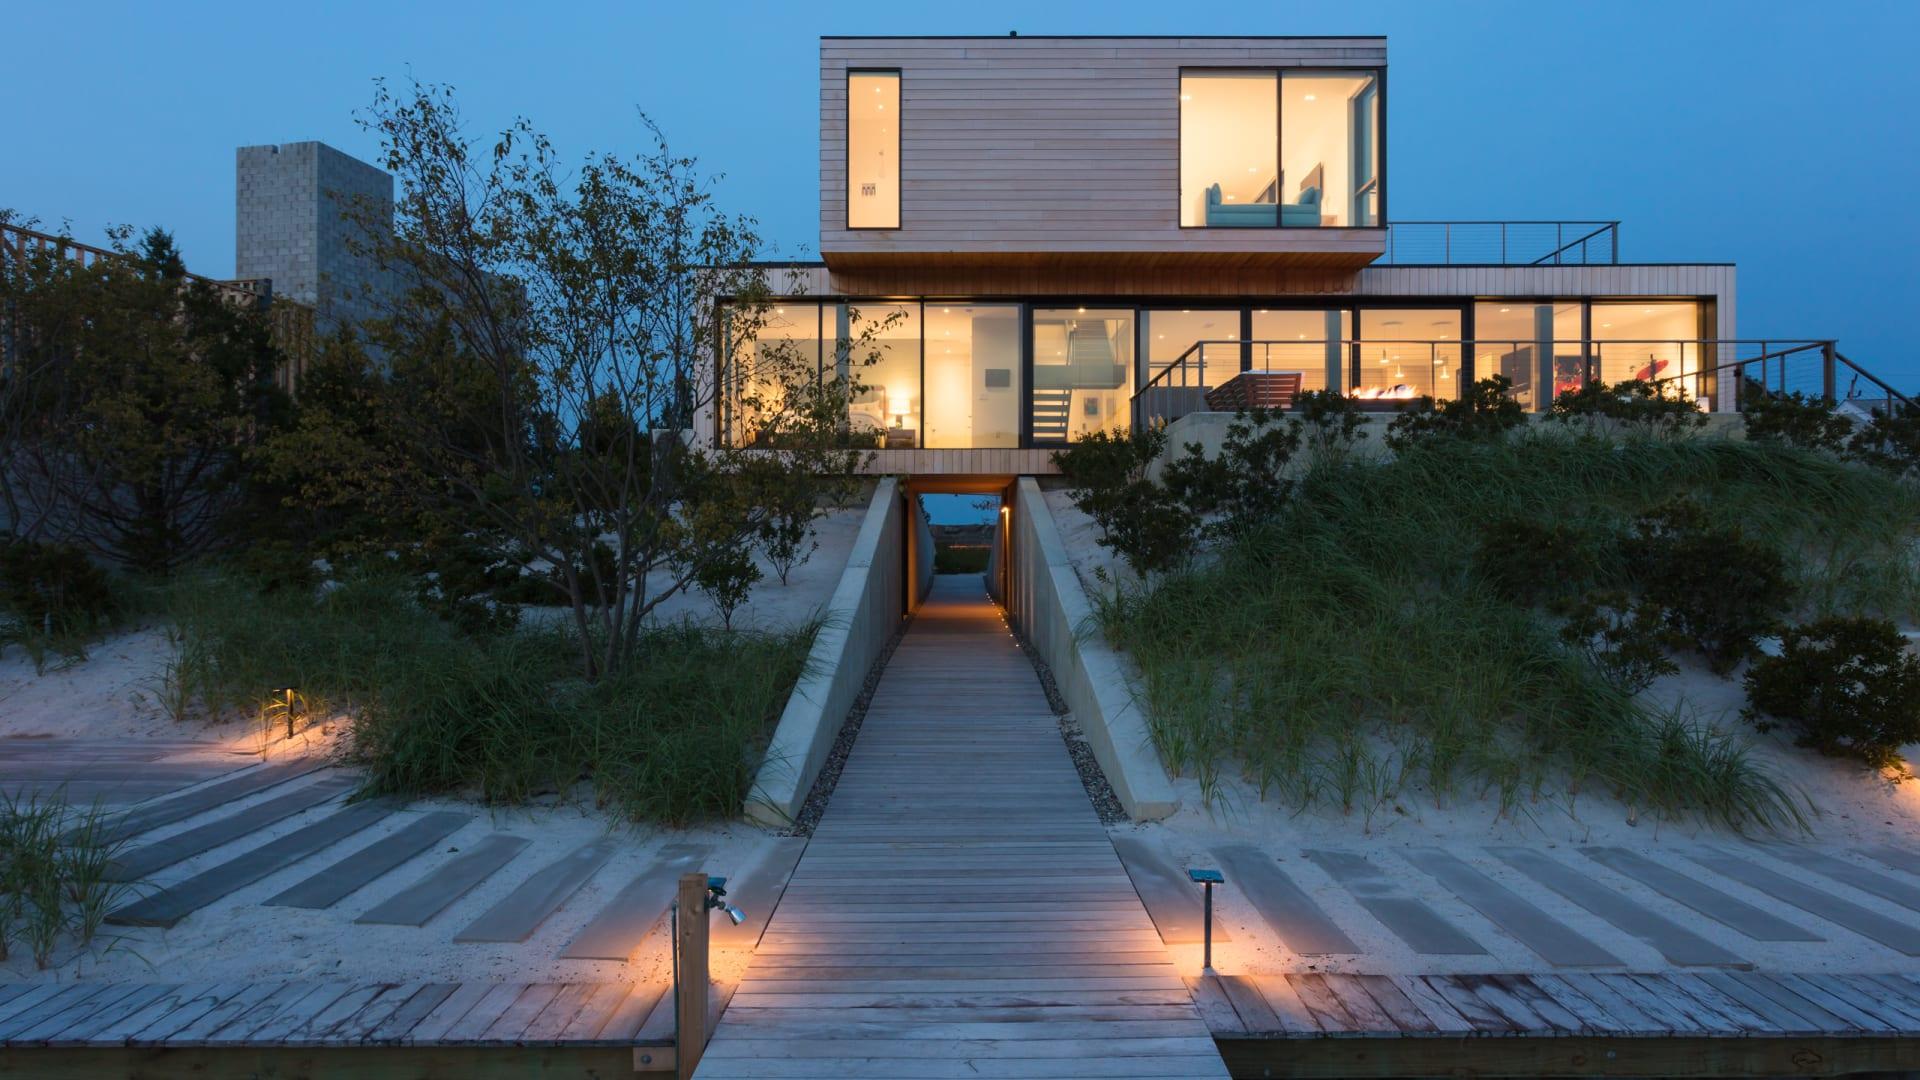 منزل على الشاطئ يمكنه التصدي للأعاصير.. كيف ذلك؟